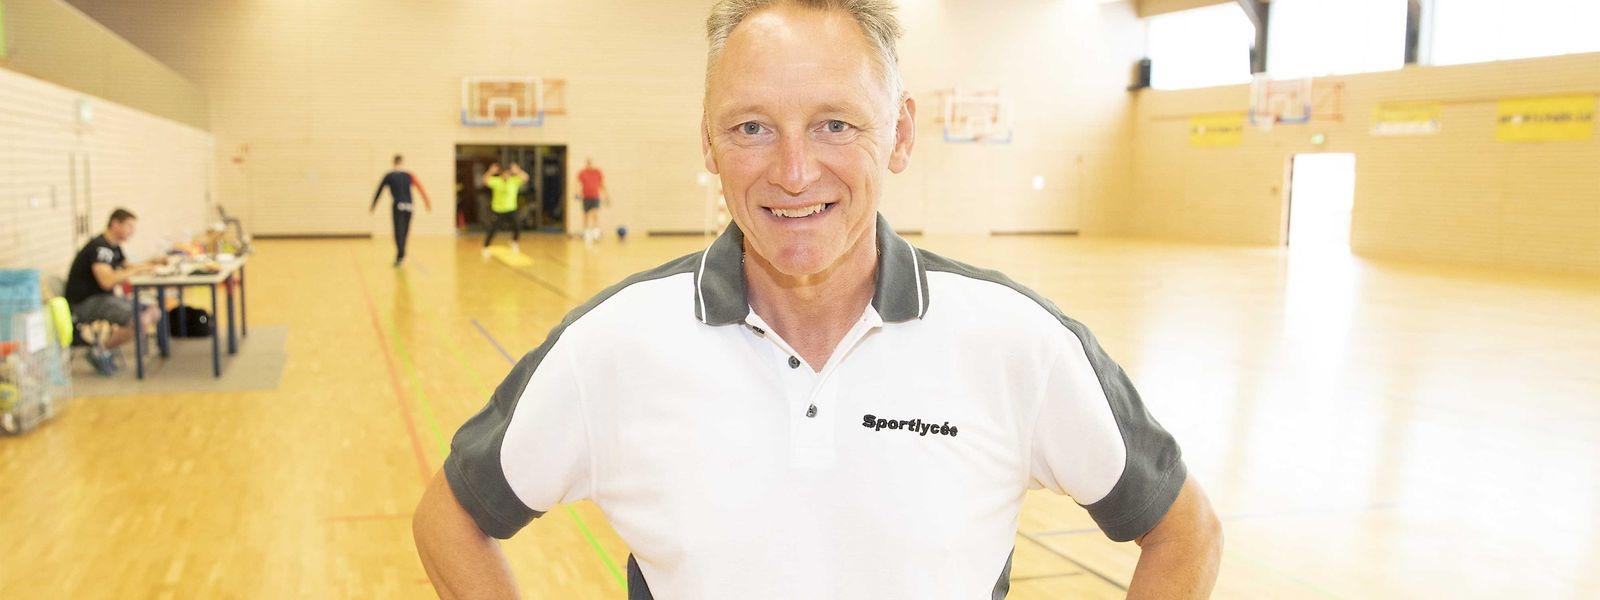 Er sorgt seit mehr als fünf Jahren dafür, dass im Sportlycée alles rund läuft: Eugène Weber, der von allen nur Usch gerufen wird.